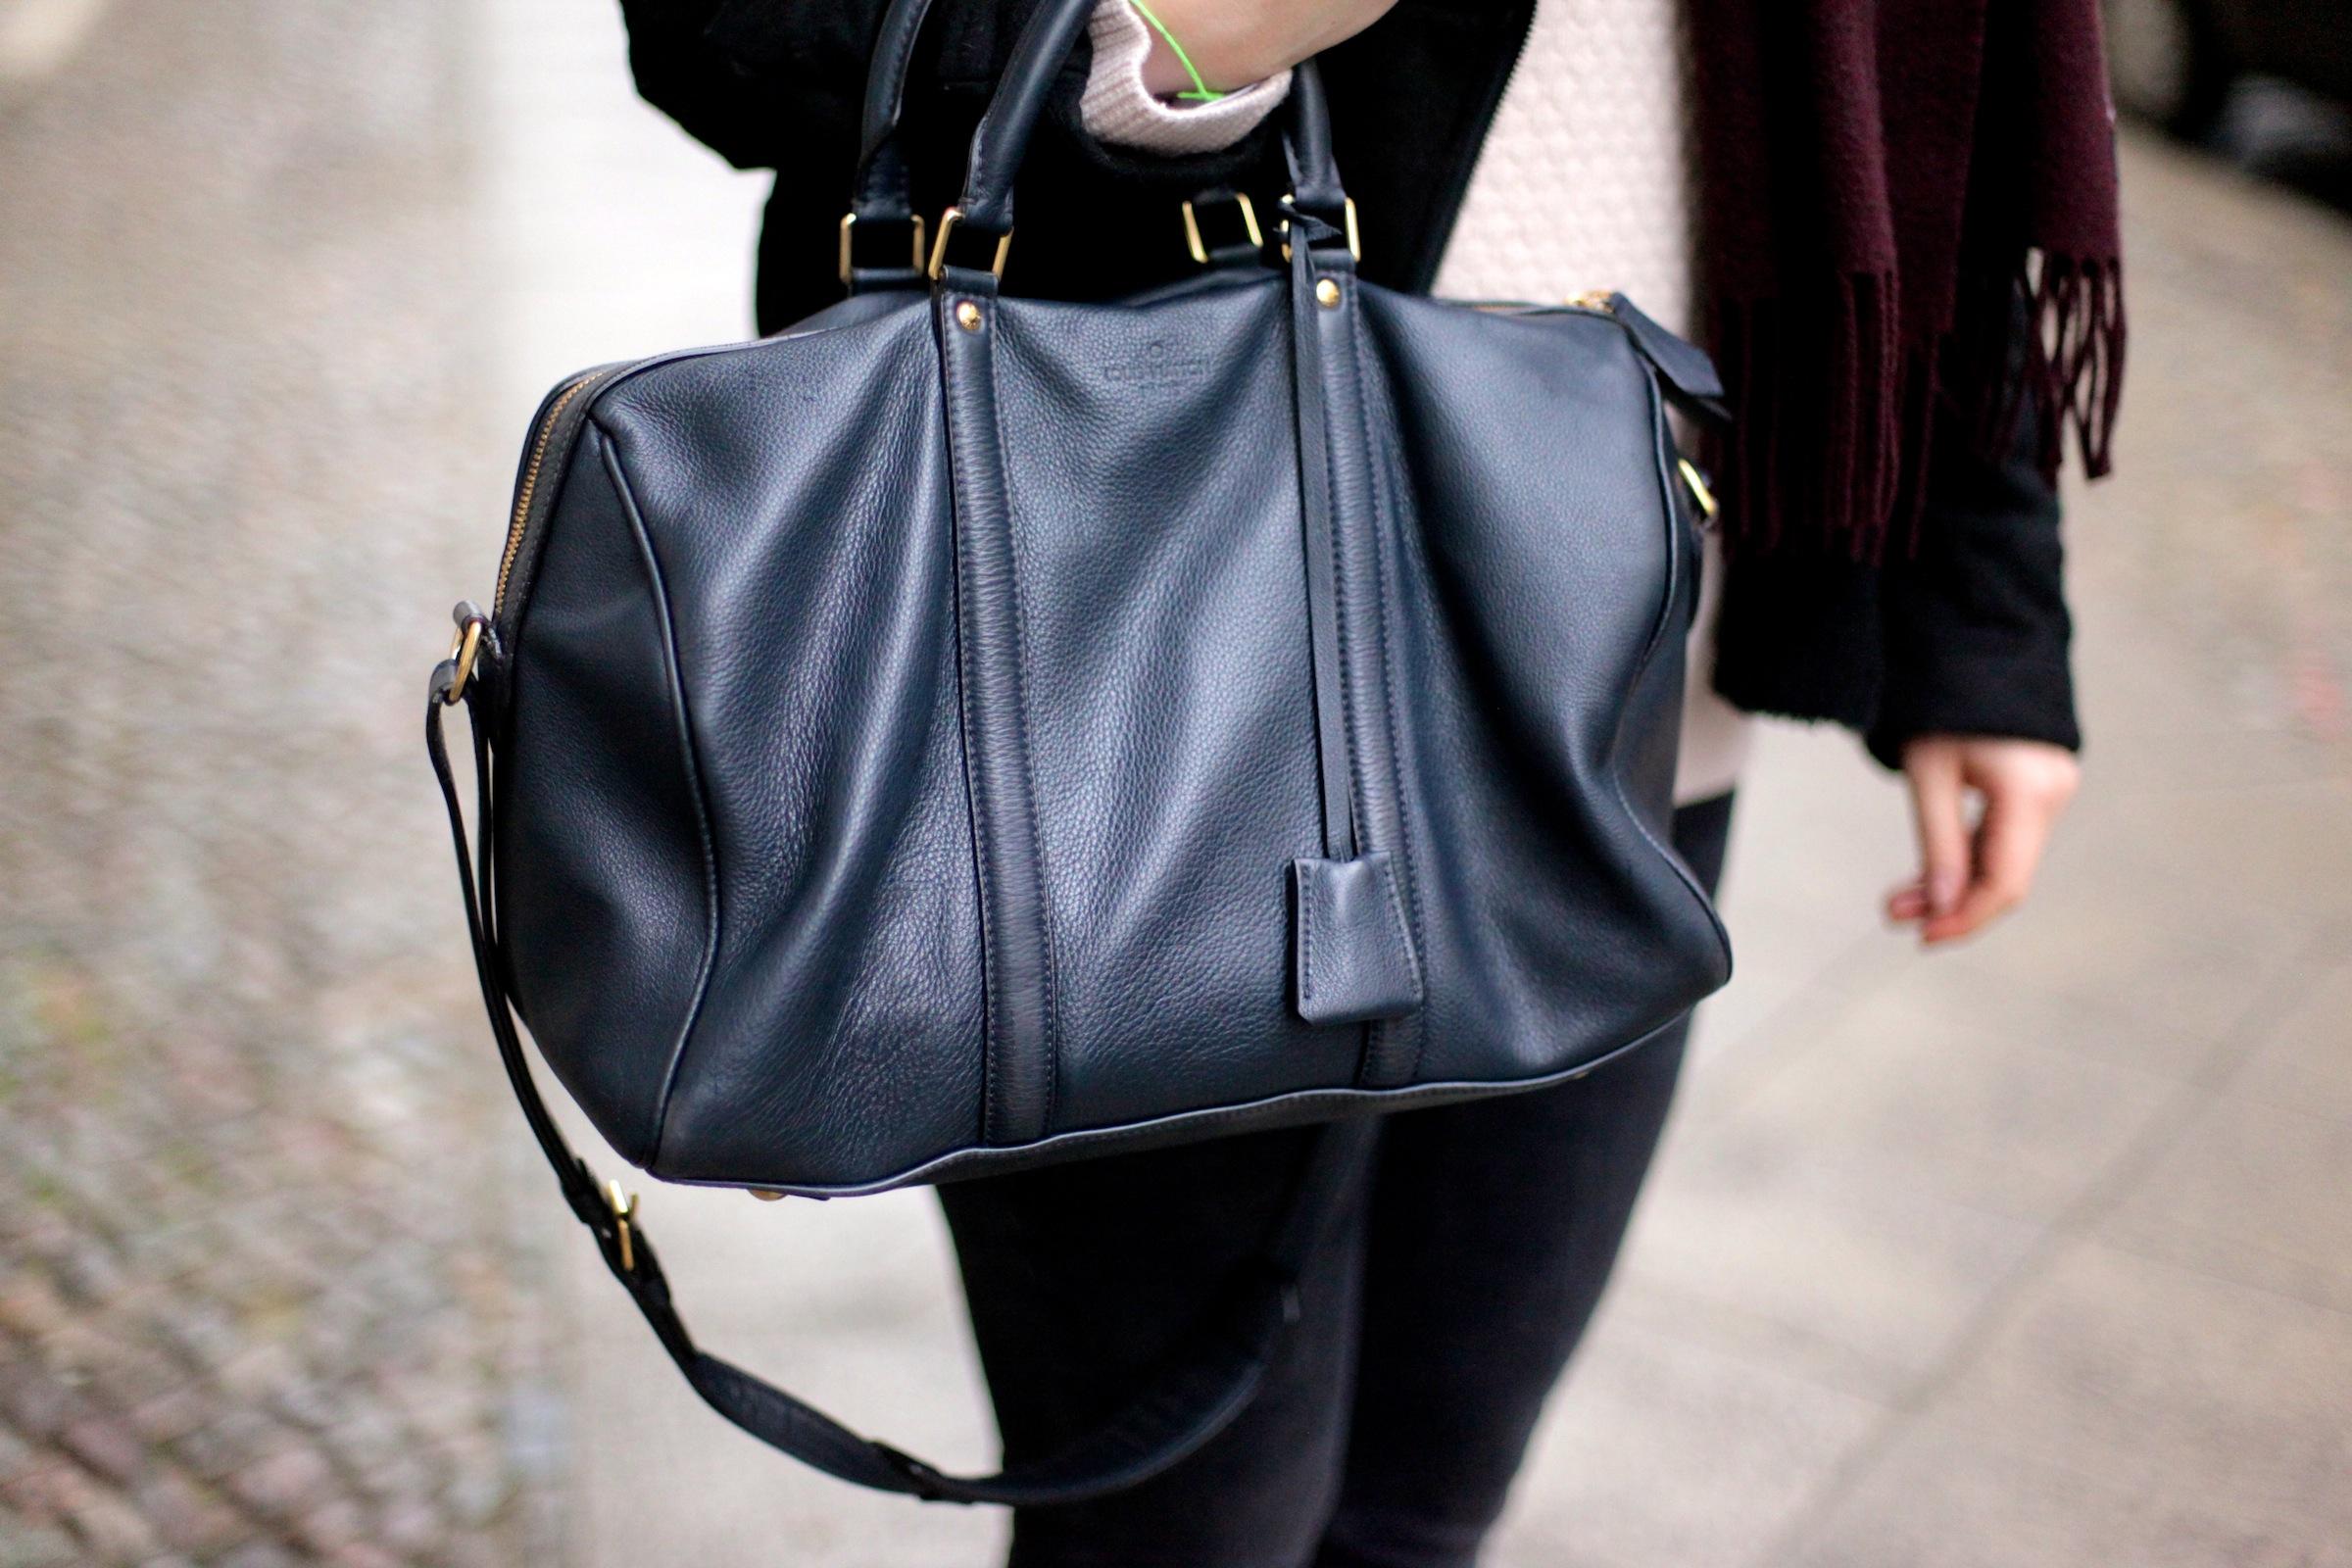 ff6e0446915f8 Früher galten die Hermès Birkin Bag oder Chanel 2.55 als die Taschen  schlechthin. Inzwischen bietet beinahe jedes Label übersaisonale  Taschen-Modelle an